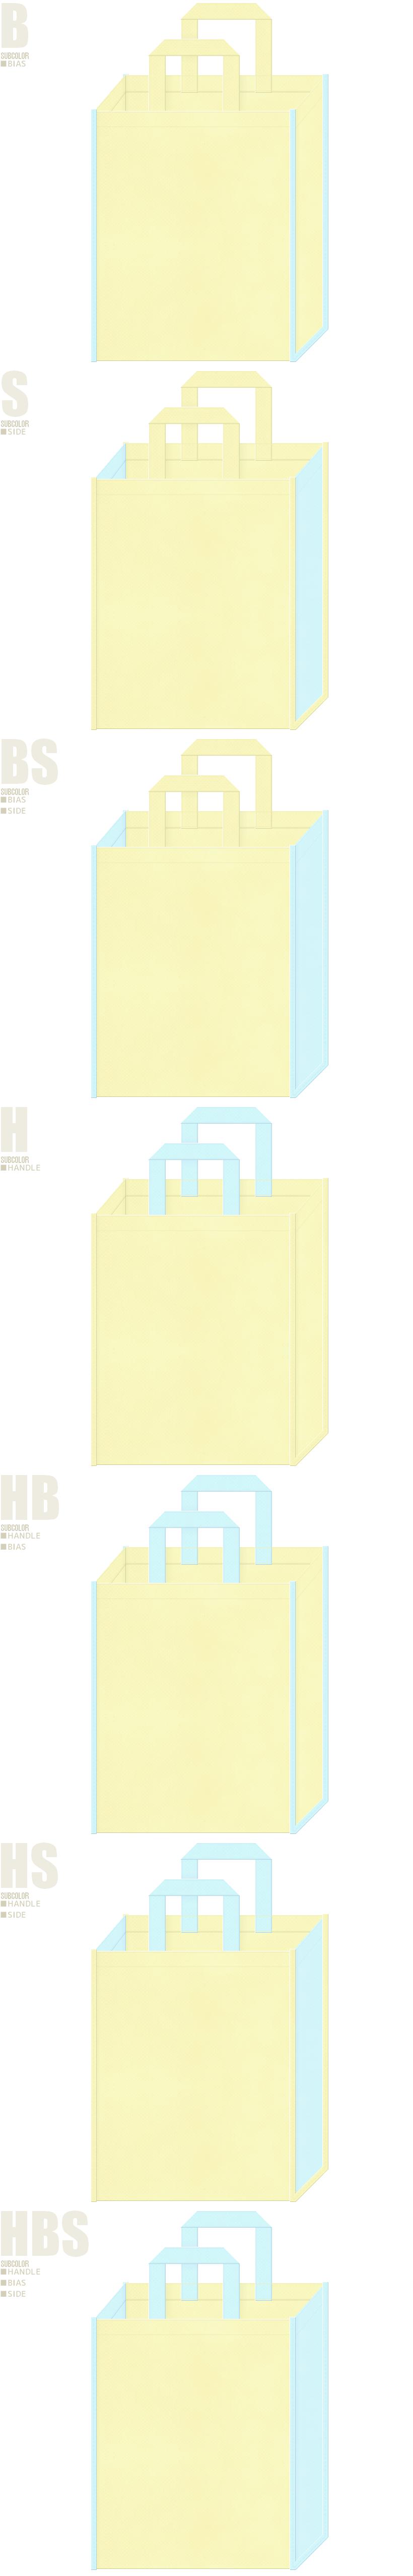 潤い・化粧水・洗剤・石鹸・バス用品の展示会用バッグにお奨めの不織布バッグデザイン:薄黄色と水色の配色7パターン。